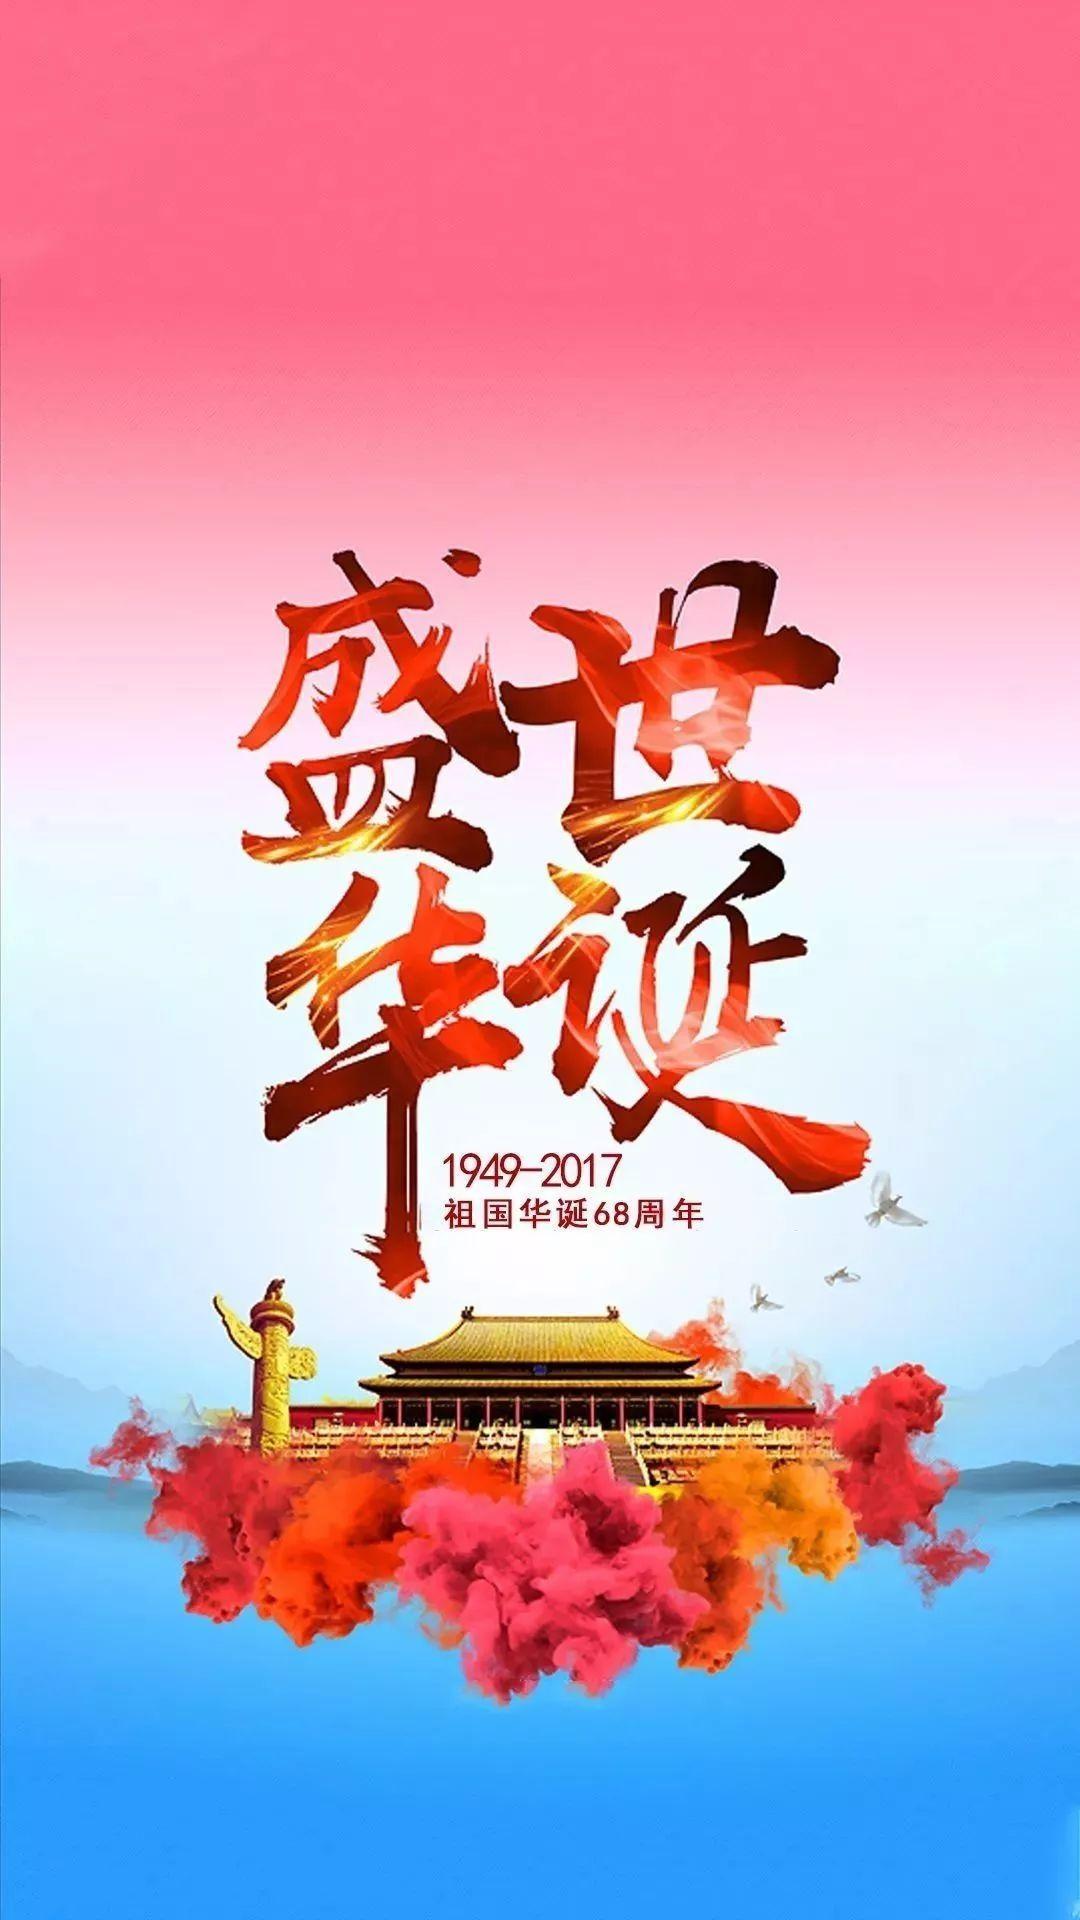 国庆节图片,预祝国庆节快乐